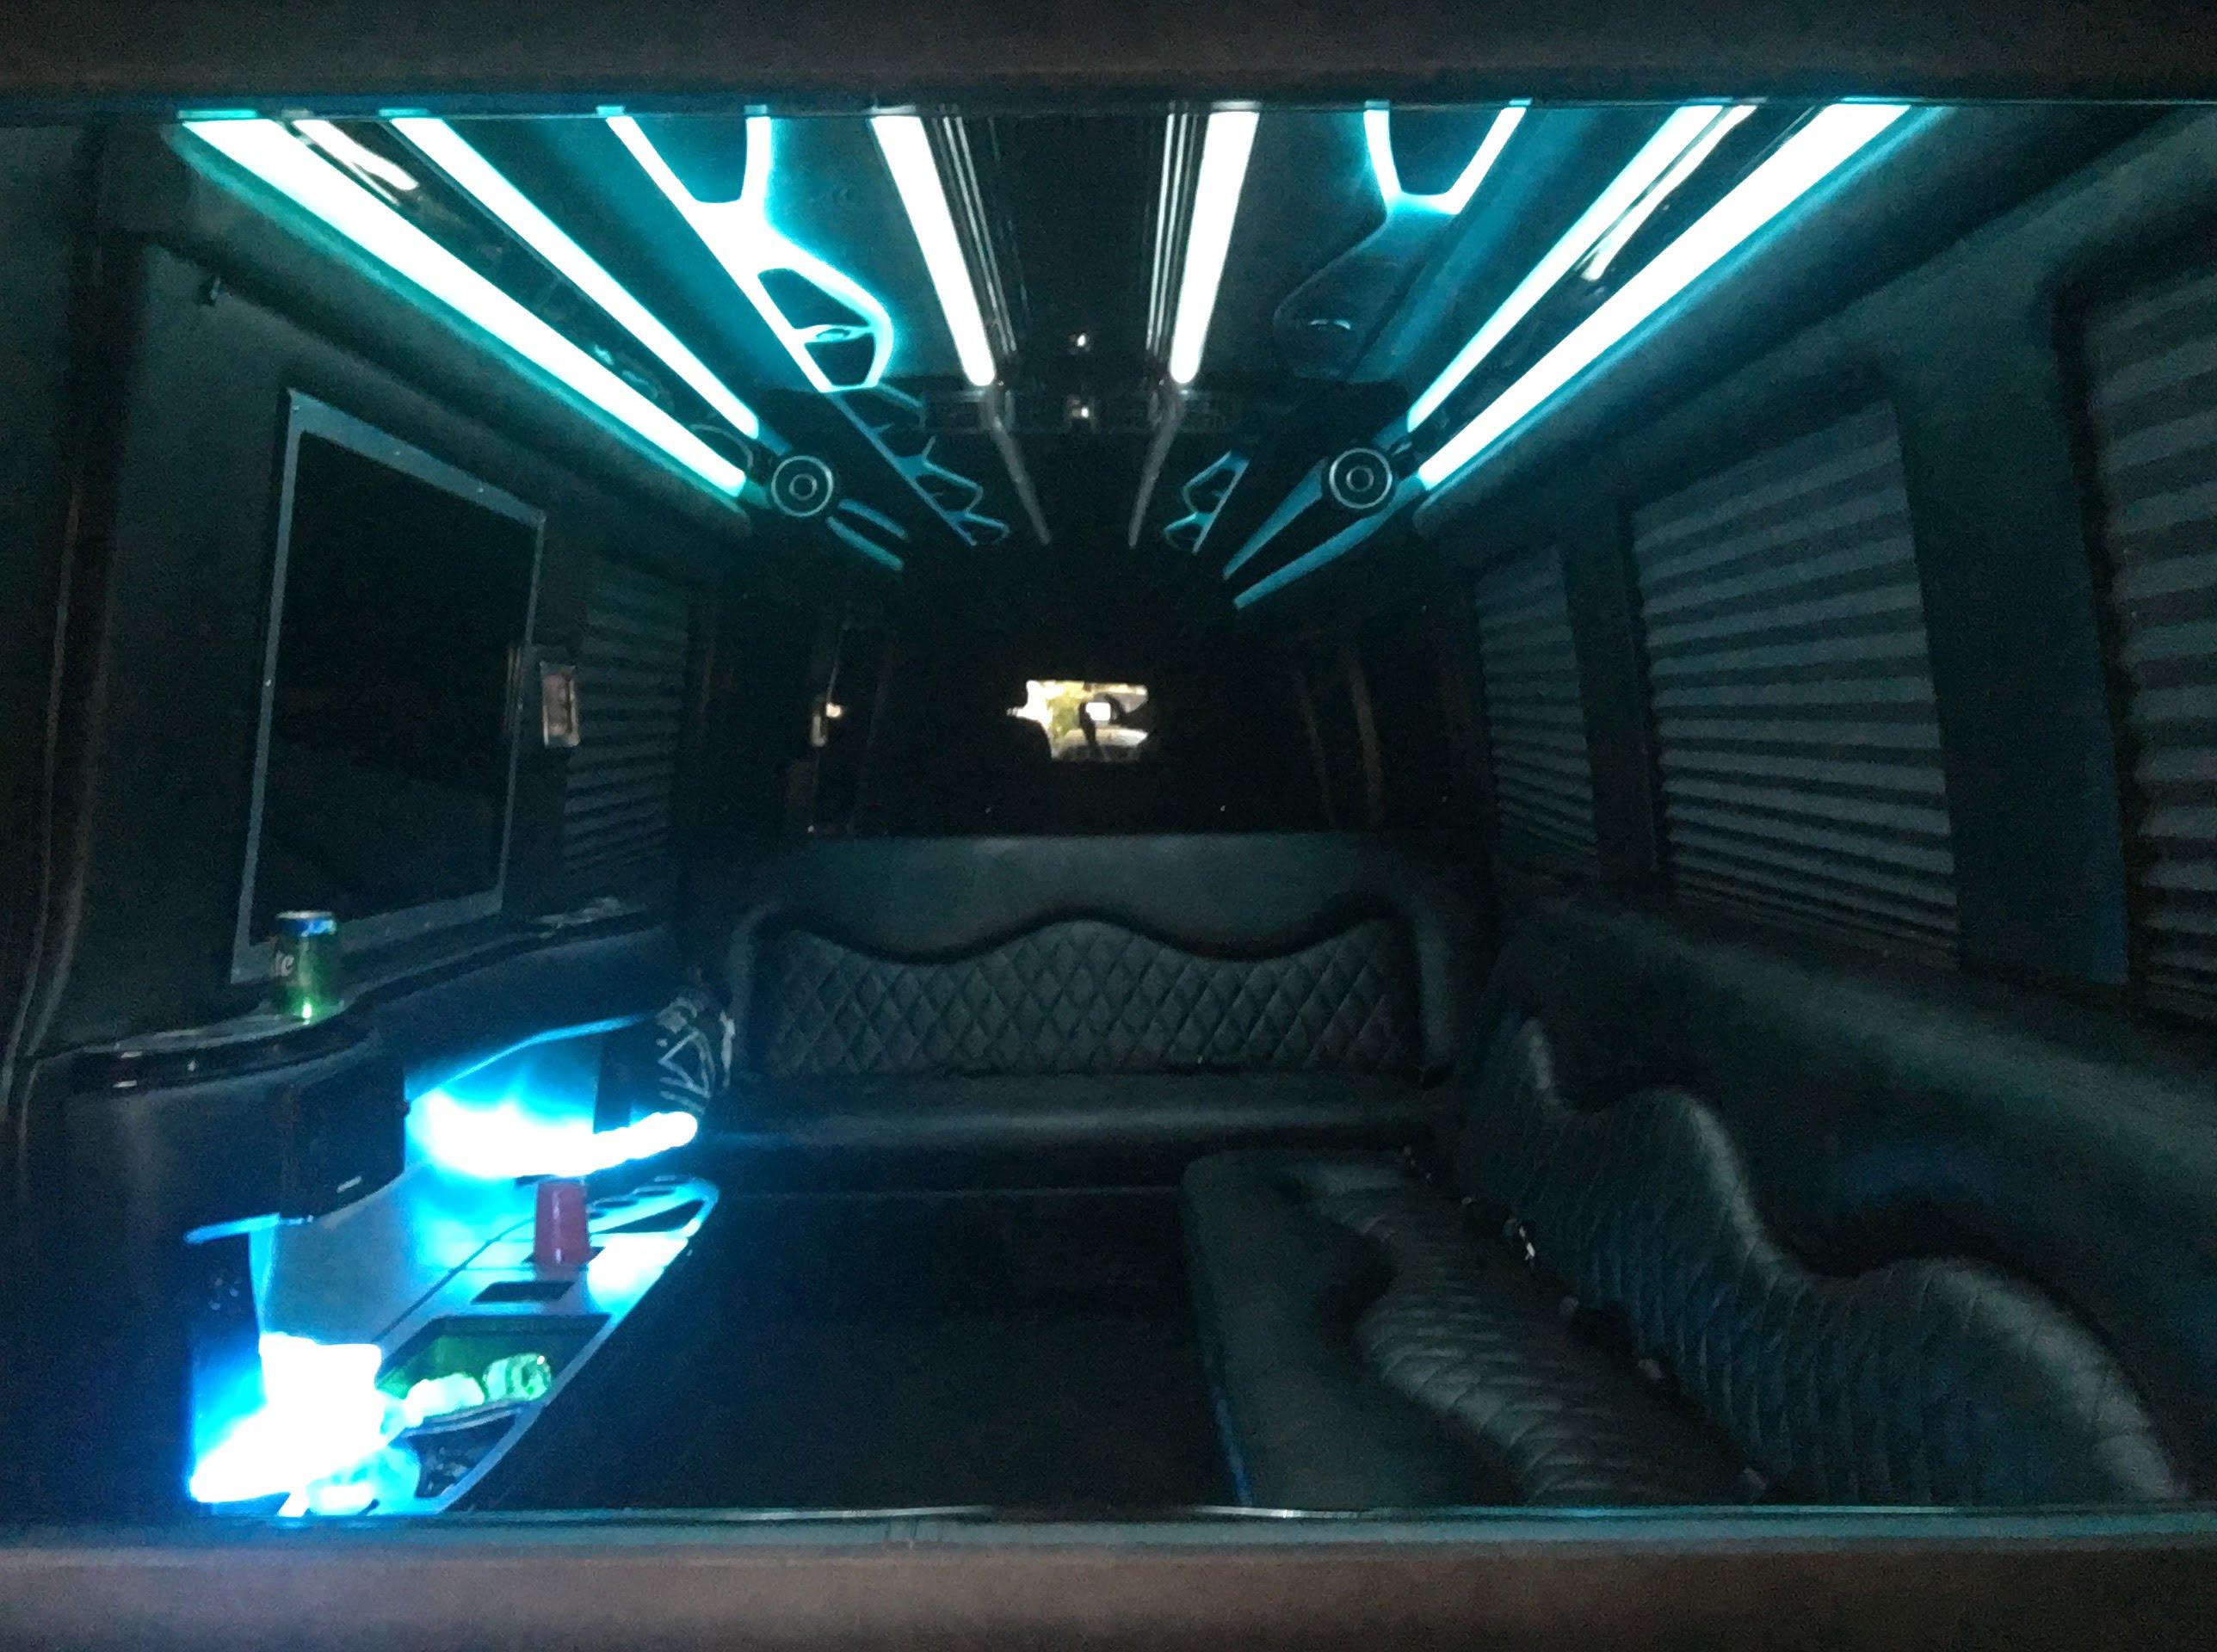 10 12 black Luxury Mercedes Benz sprinter limousine interior 201